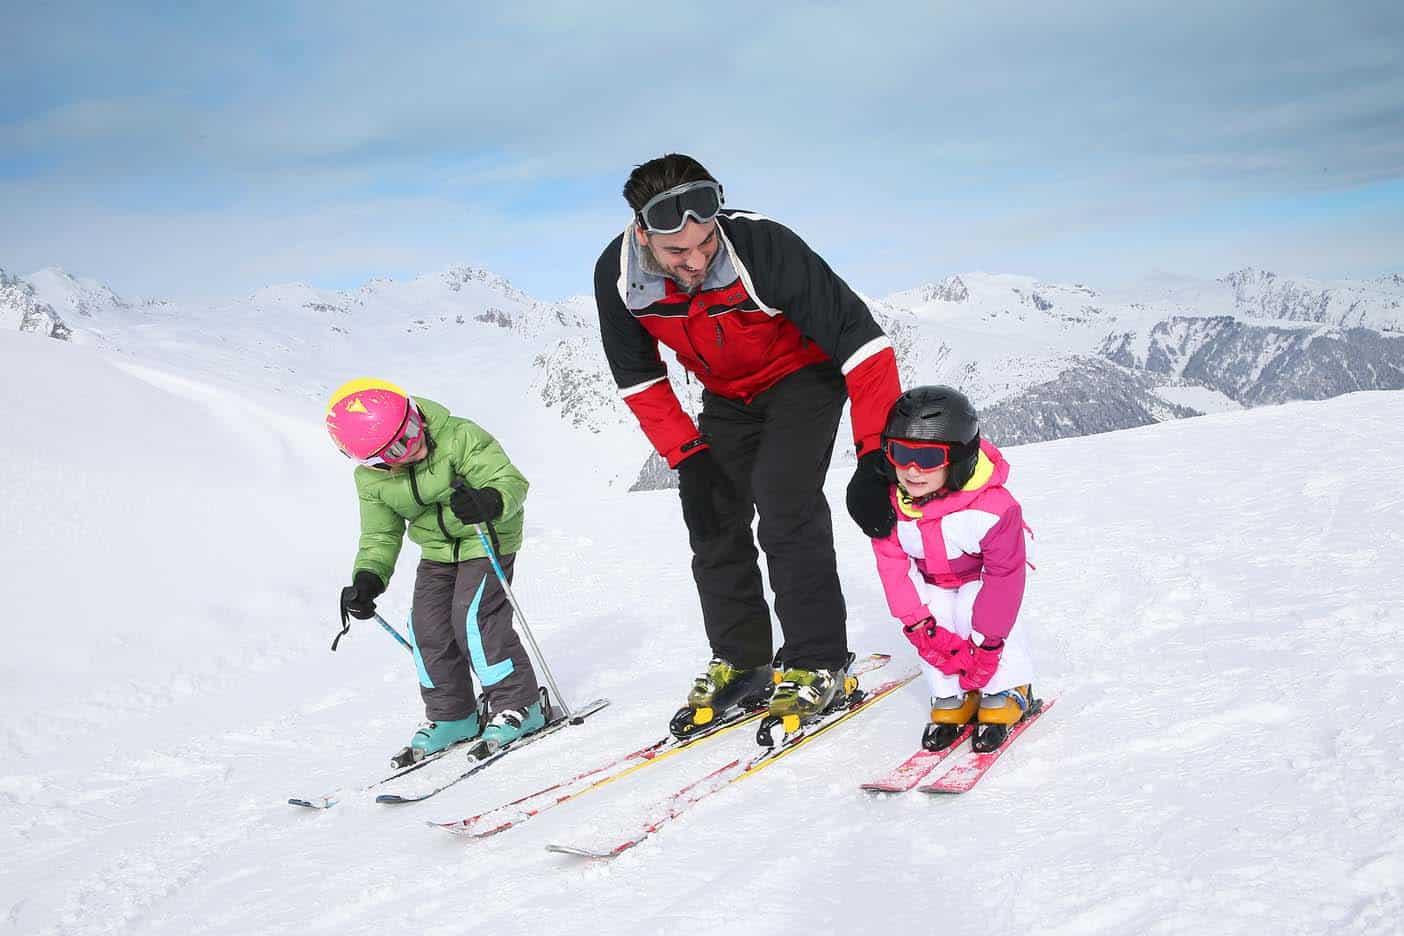 Skikleding kind, wat heb je nodig voor een skivakantie met